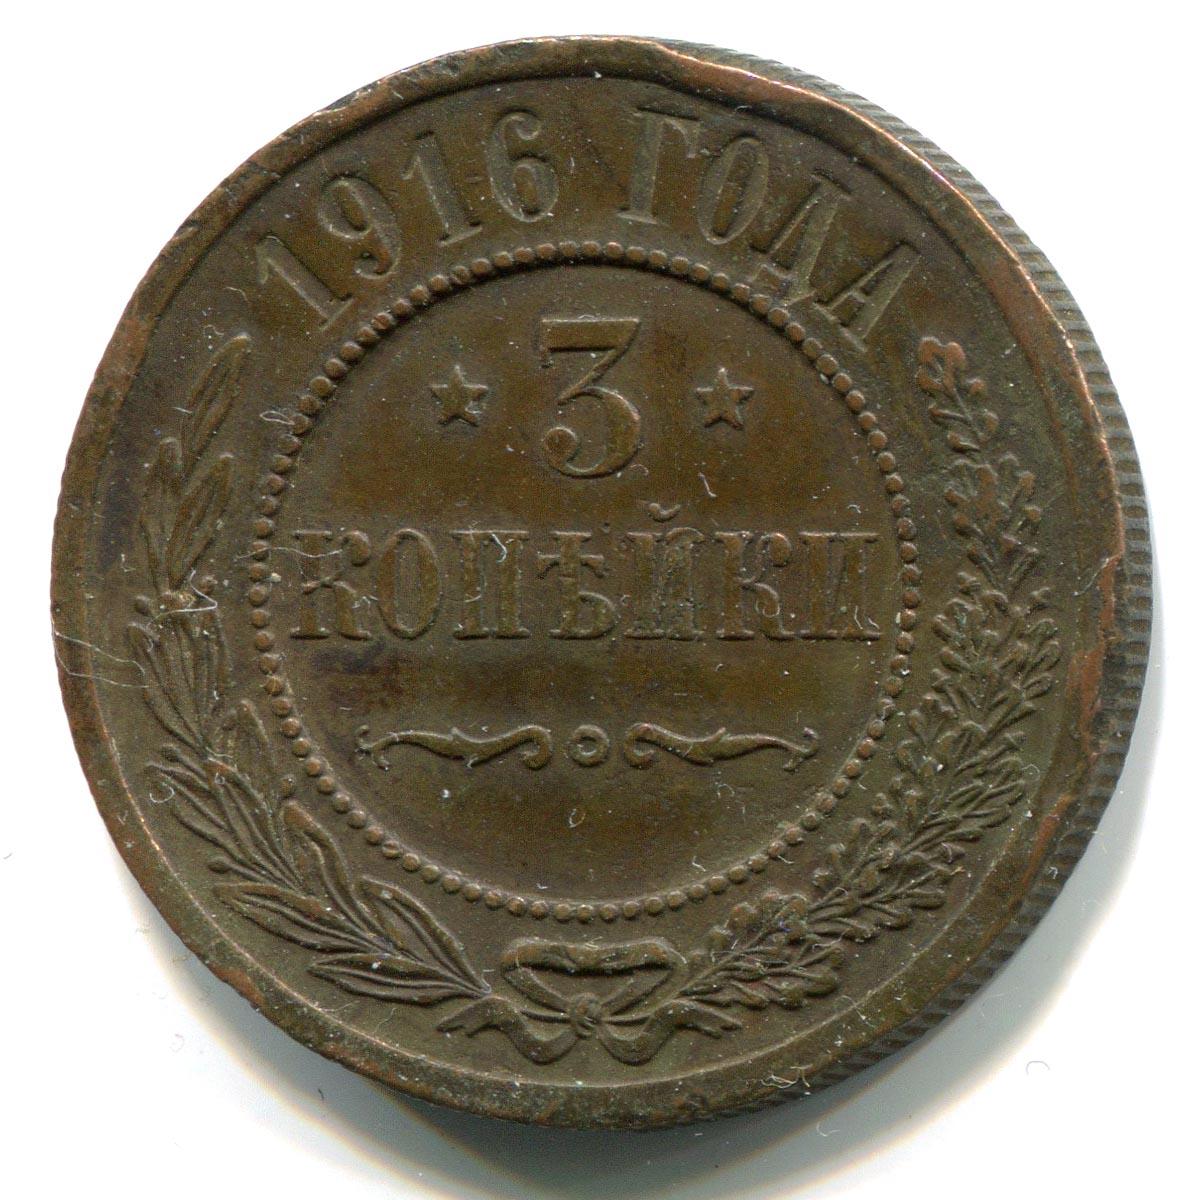 Купить монеты российской империи стоимость каталог цены альбом с ячейками для марок кроссворд 11255